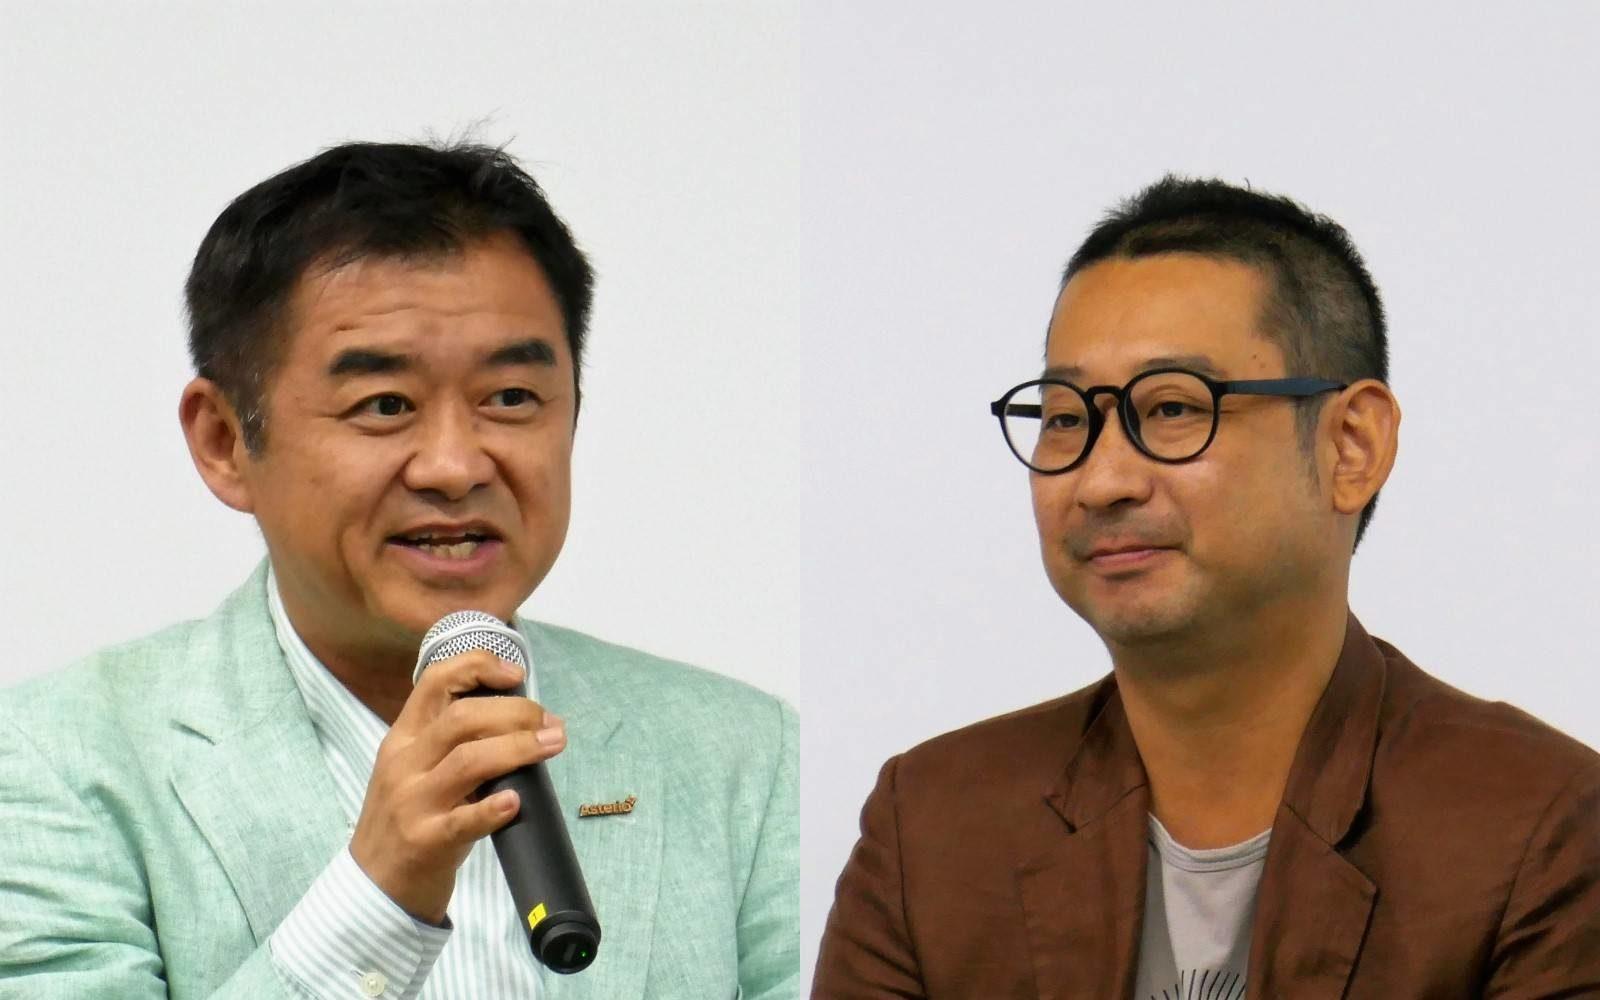 (左)平野洋一郎氏 アステリア株式会社 代表取締役社長 CEO、BCCC代表理事 (右)大石哲之氏 ビットコイン&ブロックチェーン研究所代表、一般社団法人日本デジタルマネー協会